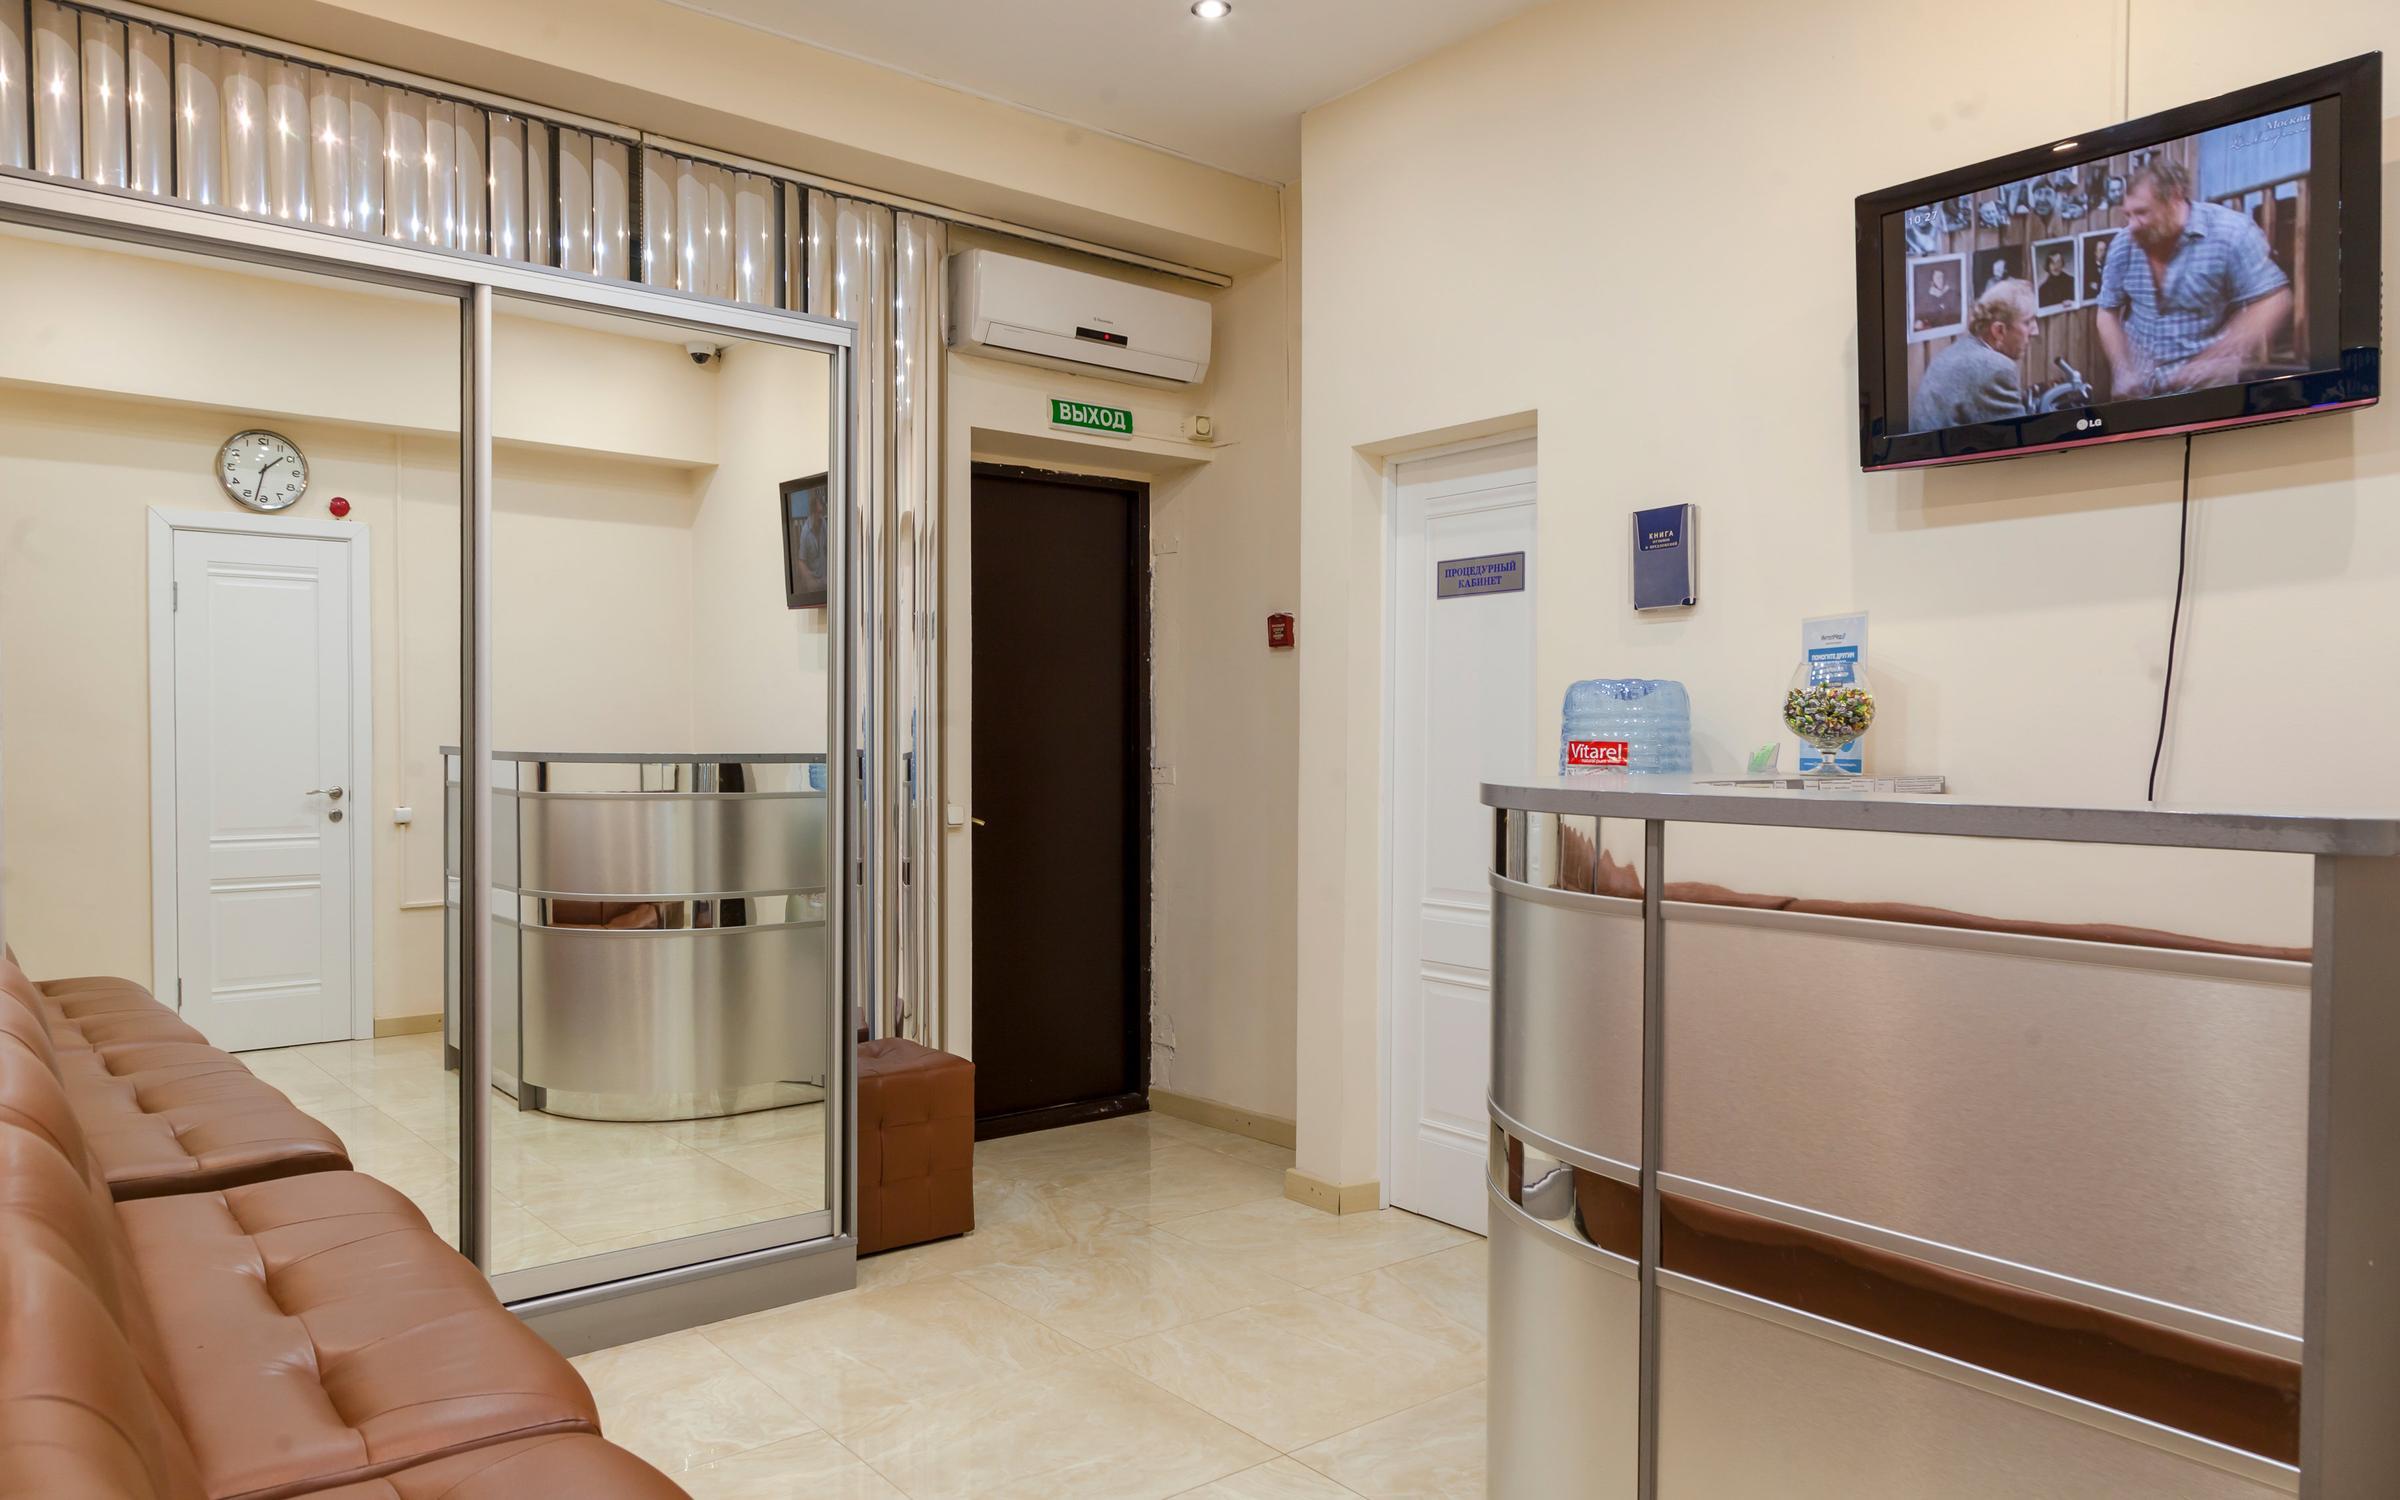 фотография Многопрофильной клиники ИНТЕЛмед на проспекте Вернадского